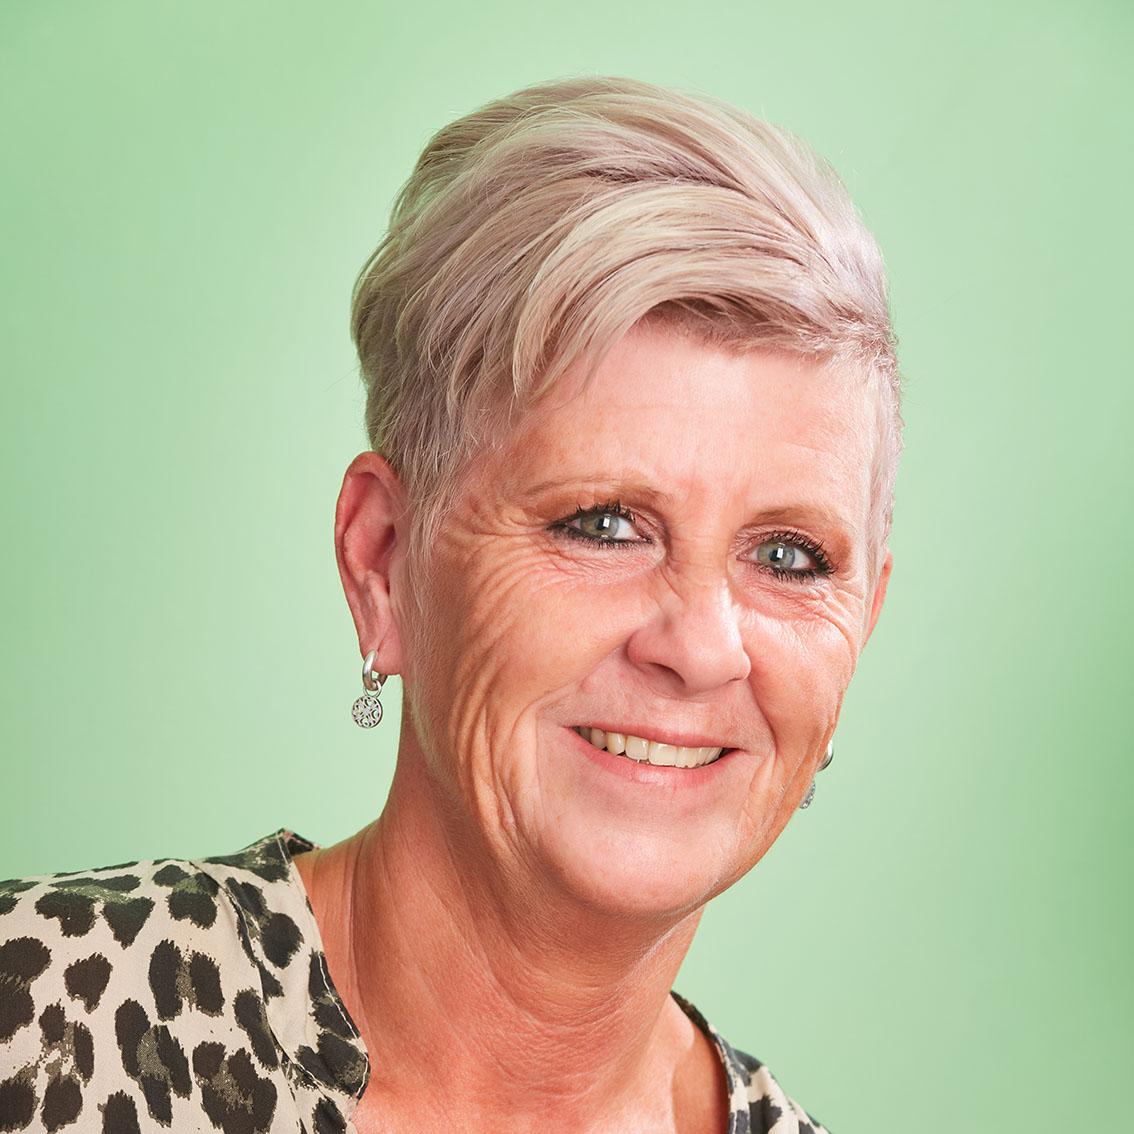 Hairdesign Gabry - Dameskapper Zuid-Limburg Schimmert